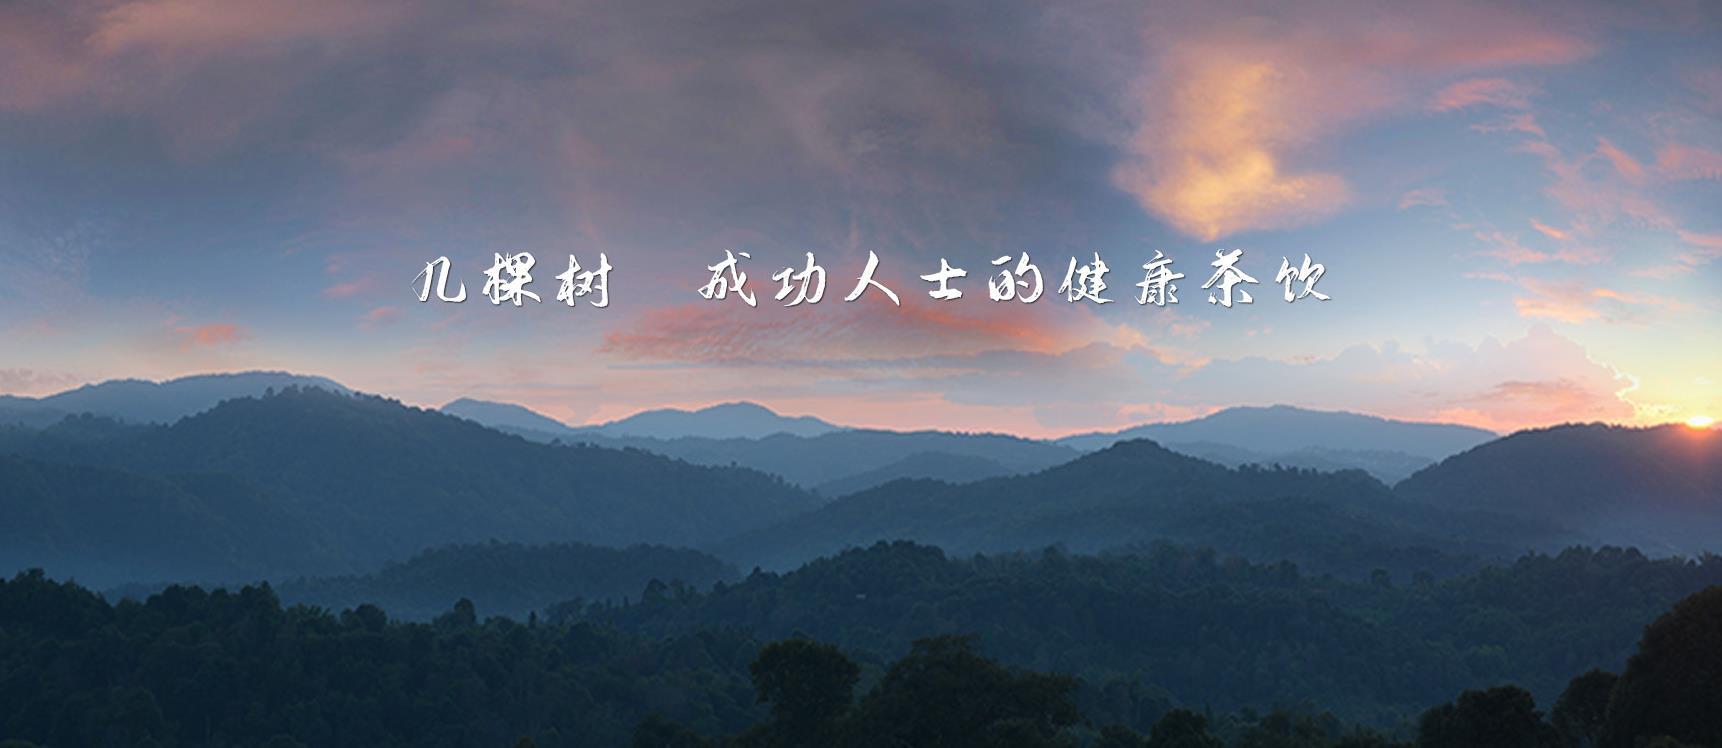 龙园茶业茶化石【勐海龙园茶厂供应】